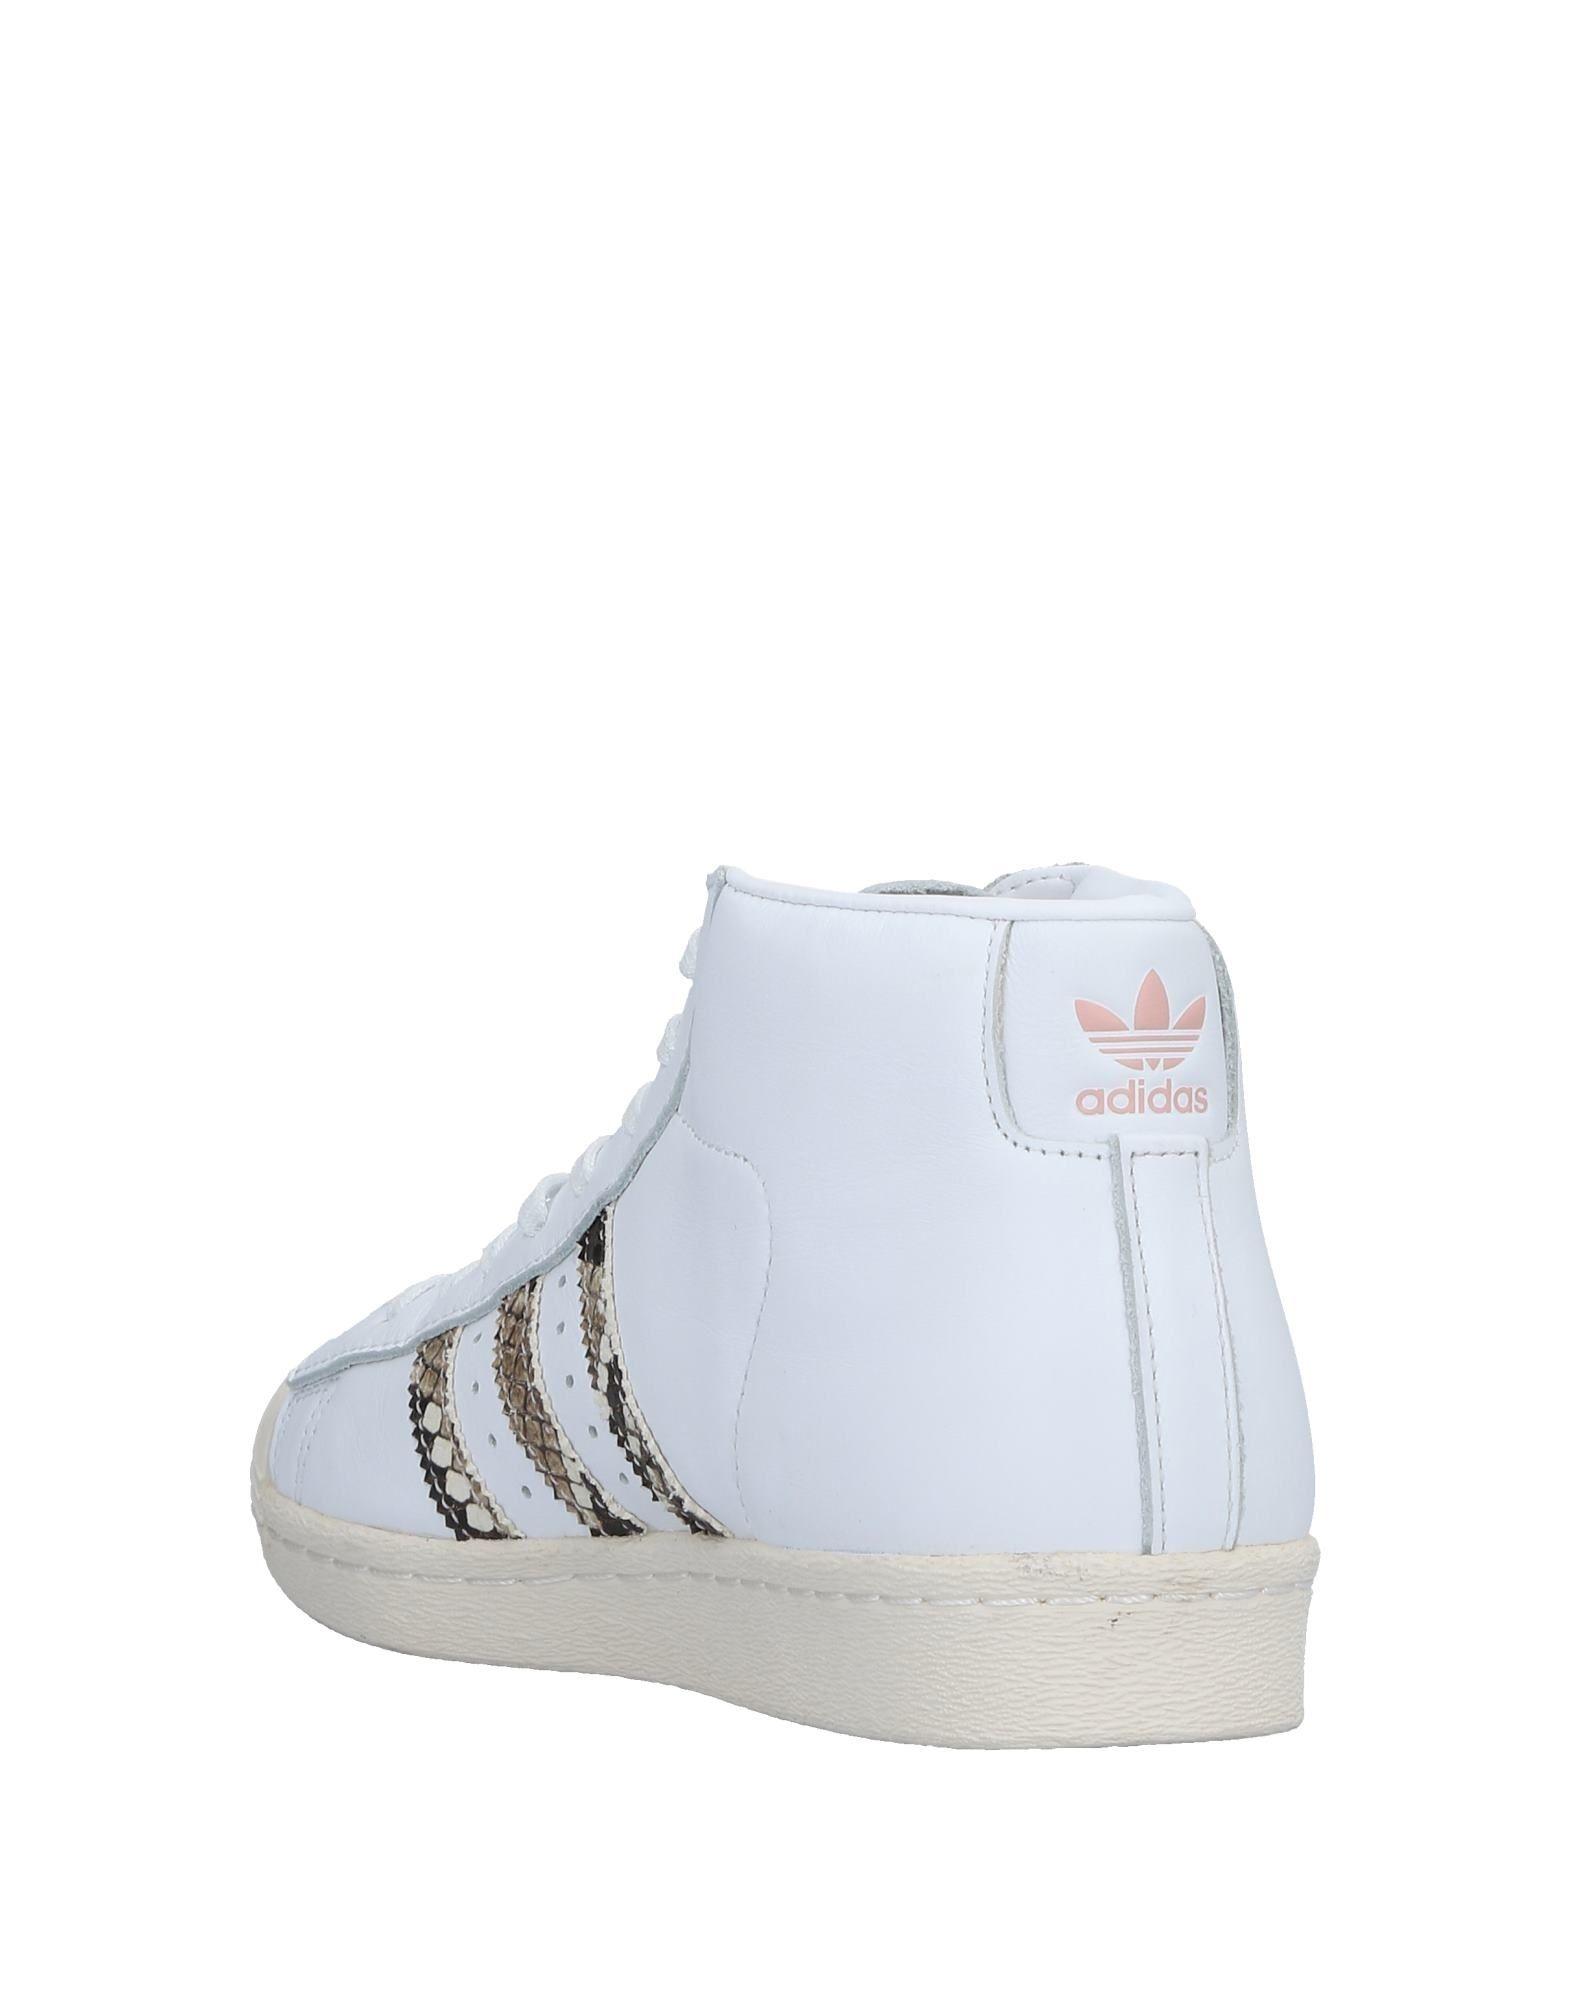 Adidas Originals Sneakers Damen  11537576VD Gute Qualität beliebte Schuhe